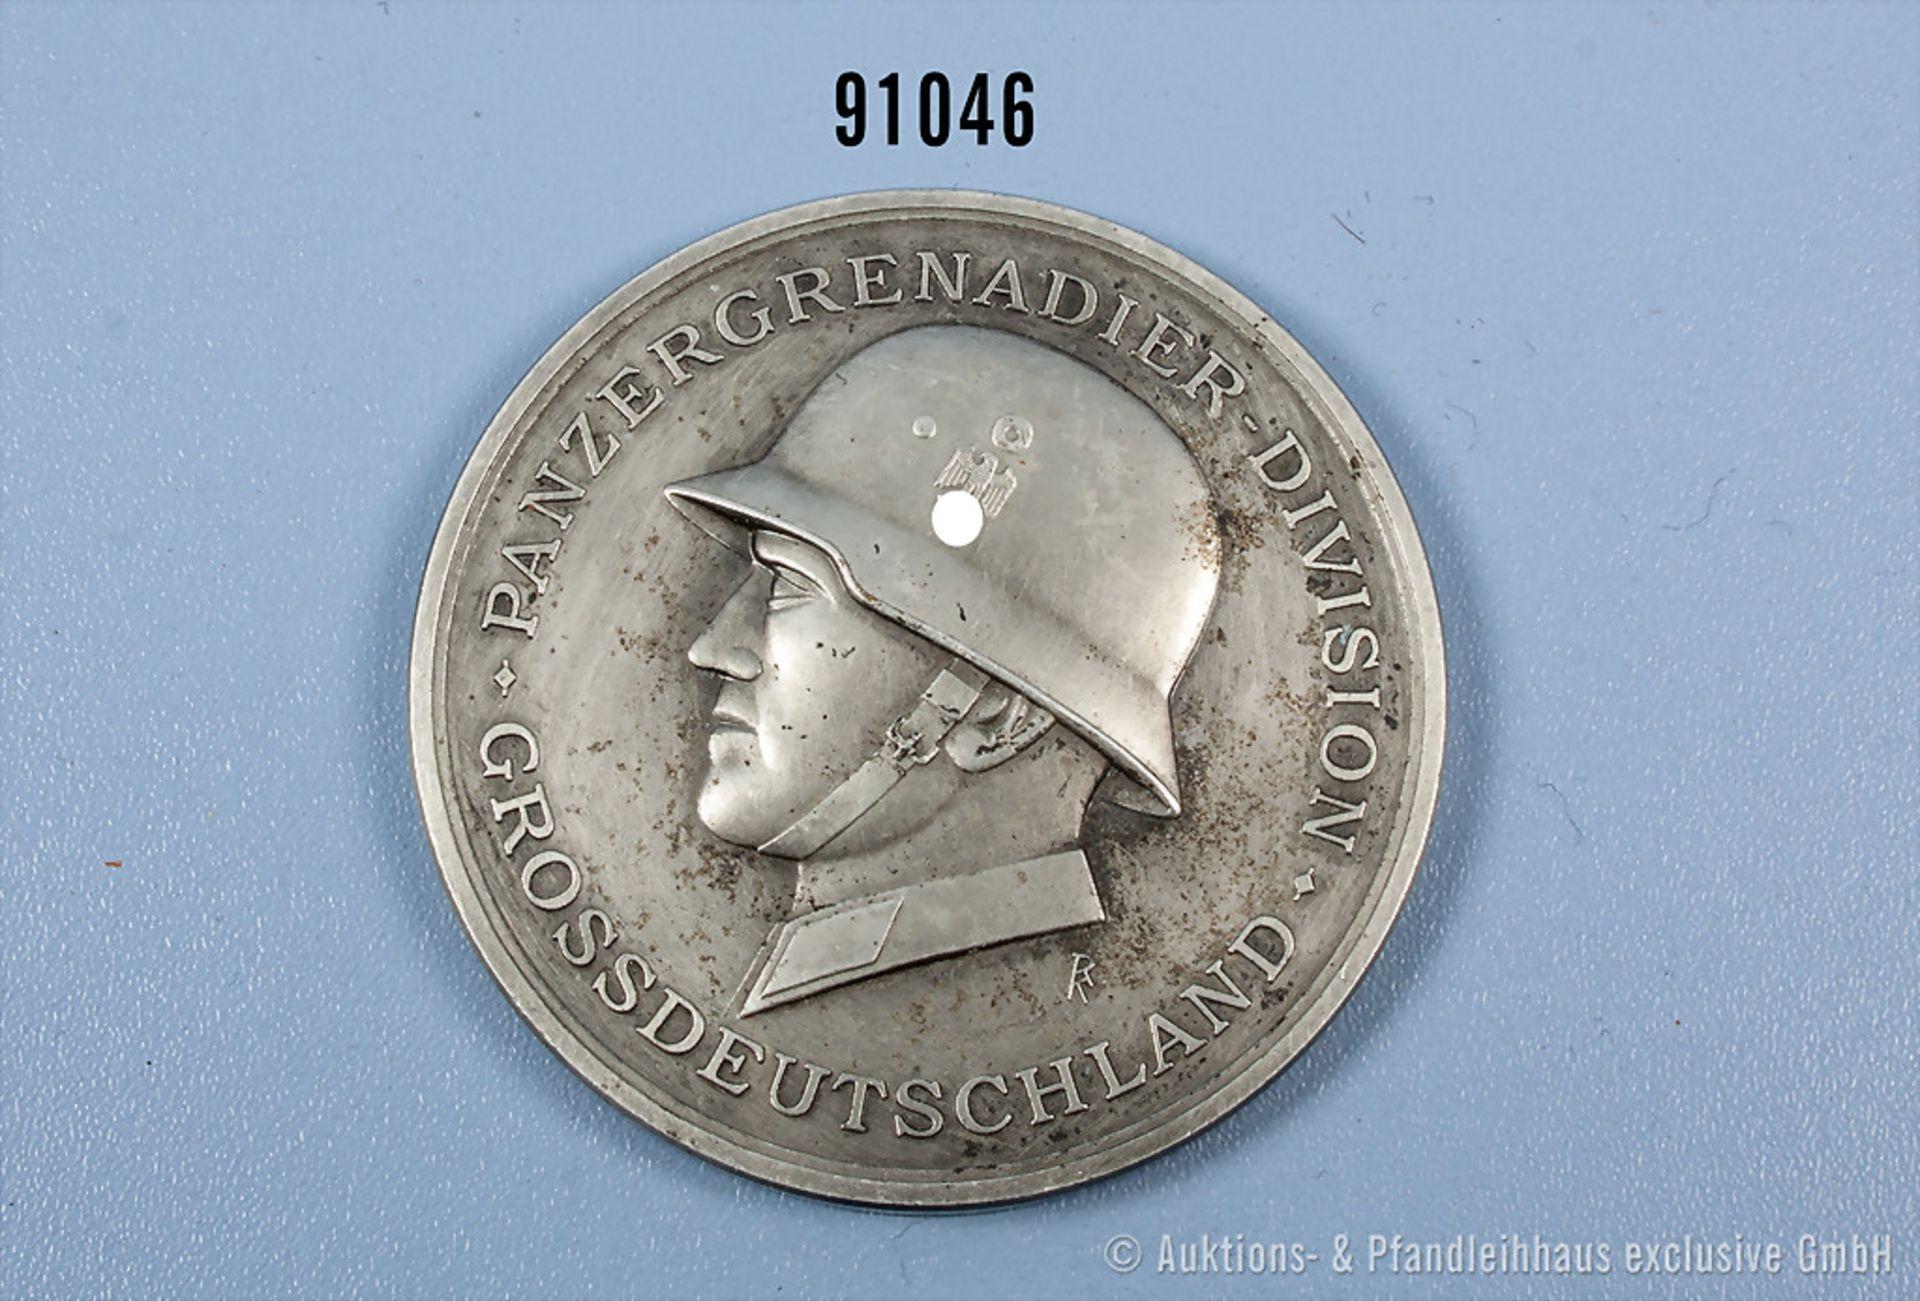 """Medaille 2. WK """"Panzergrenadier-Division Großdeutschland"""", rückseitig EK-Motiv und """"Die Heimat dankt"""